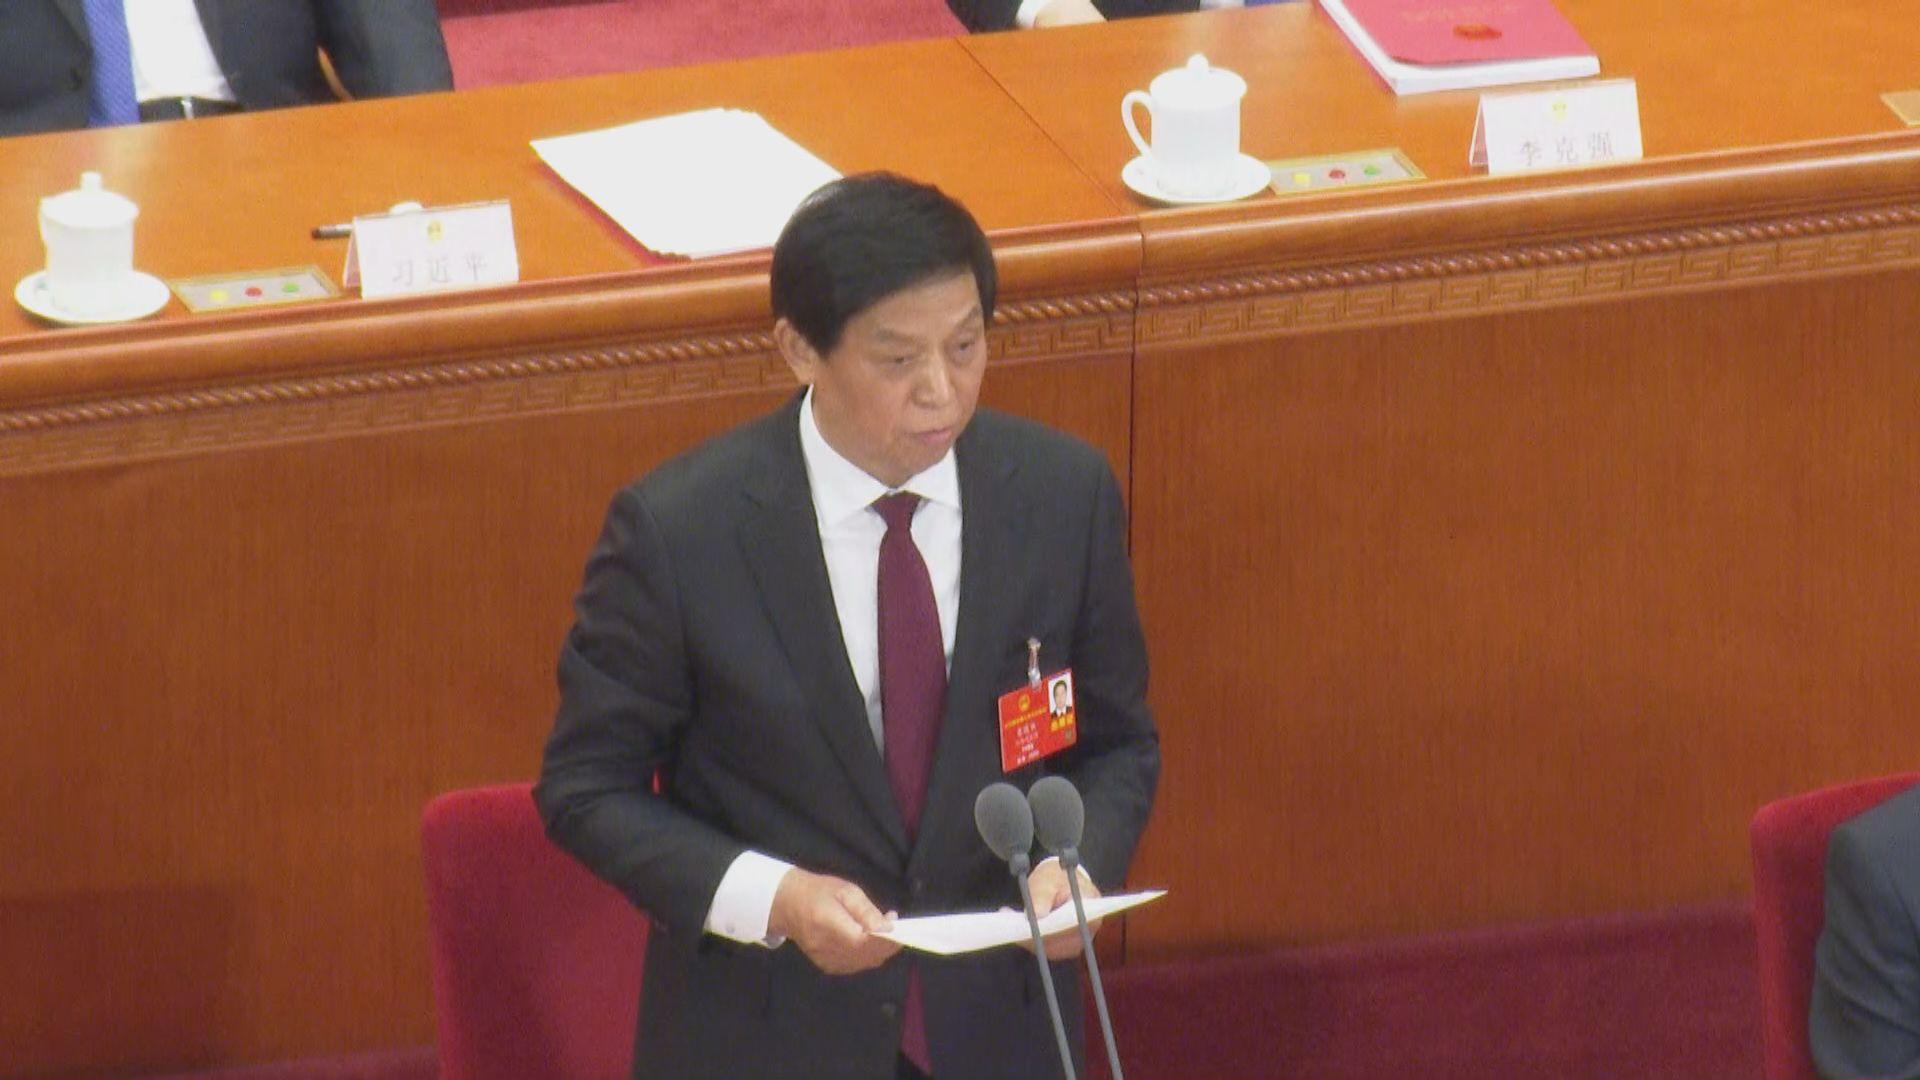 栗戰書:制定港區國安法有利香港長治久安 一國兩制行穩致遠